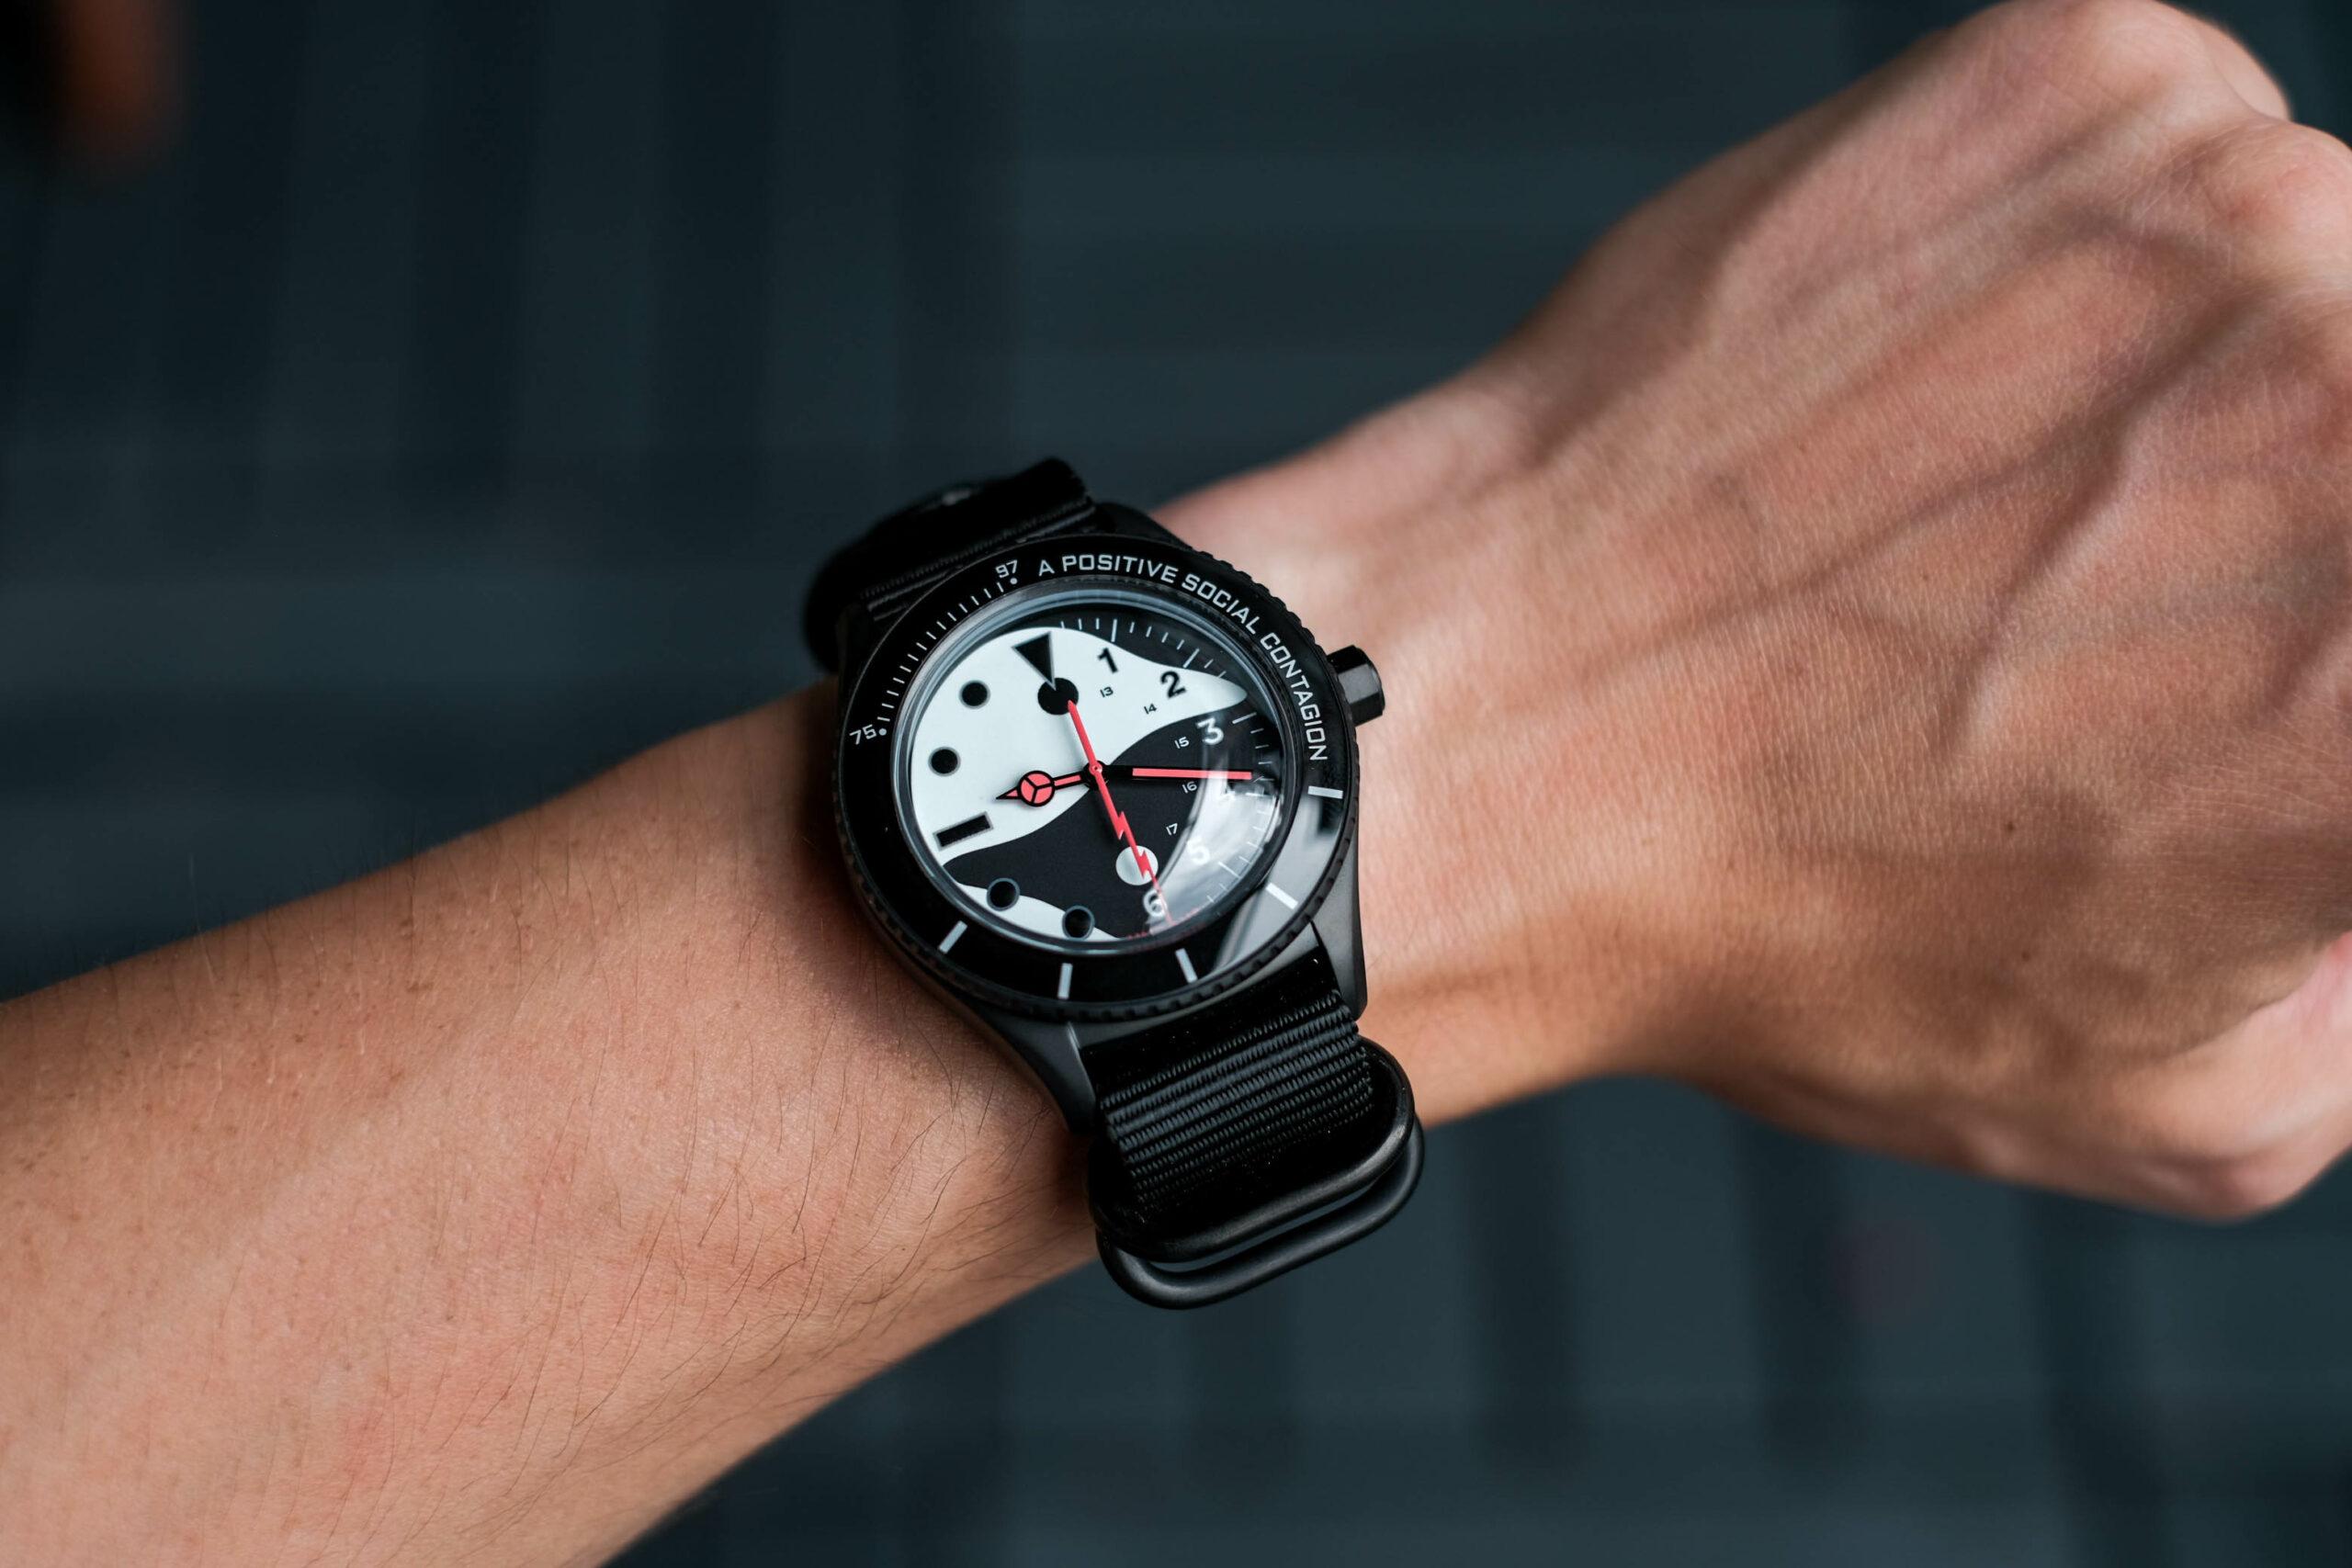 Yin-Yang on wrist